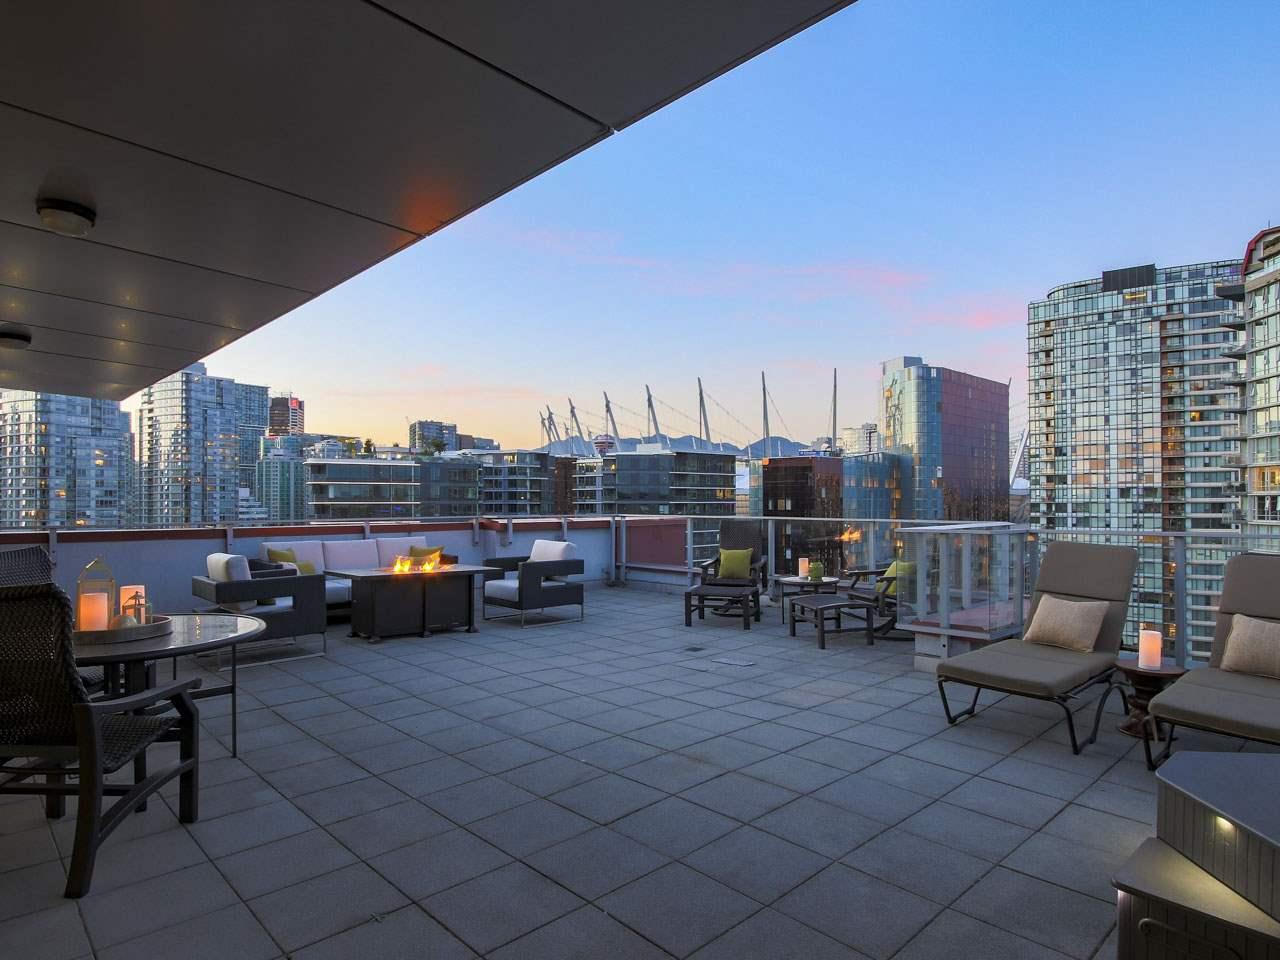 Condo Apartment at PH3 980 COOPERAGE WAY, Unit PH3, Vancouver West, British Columbia. Image 20